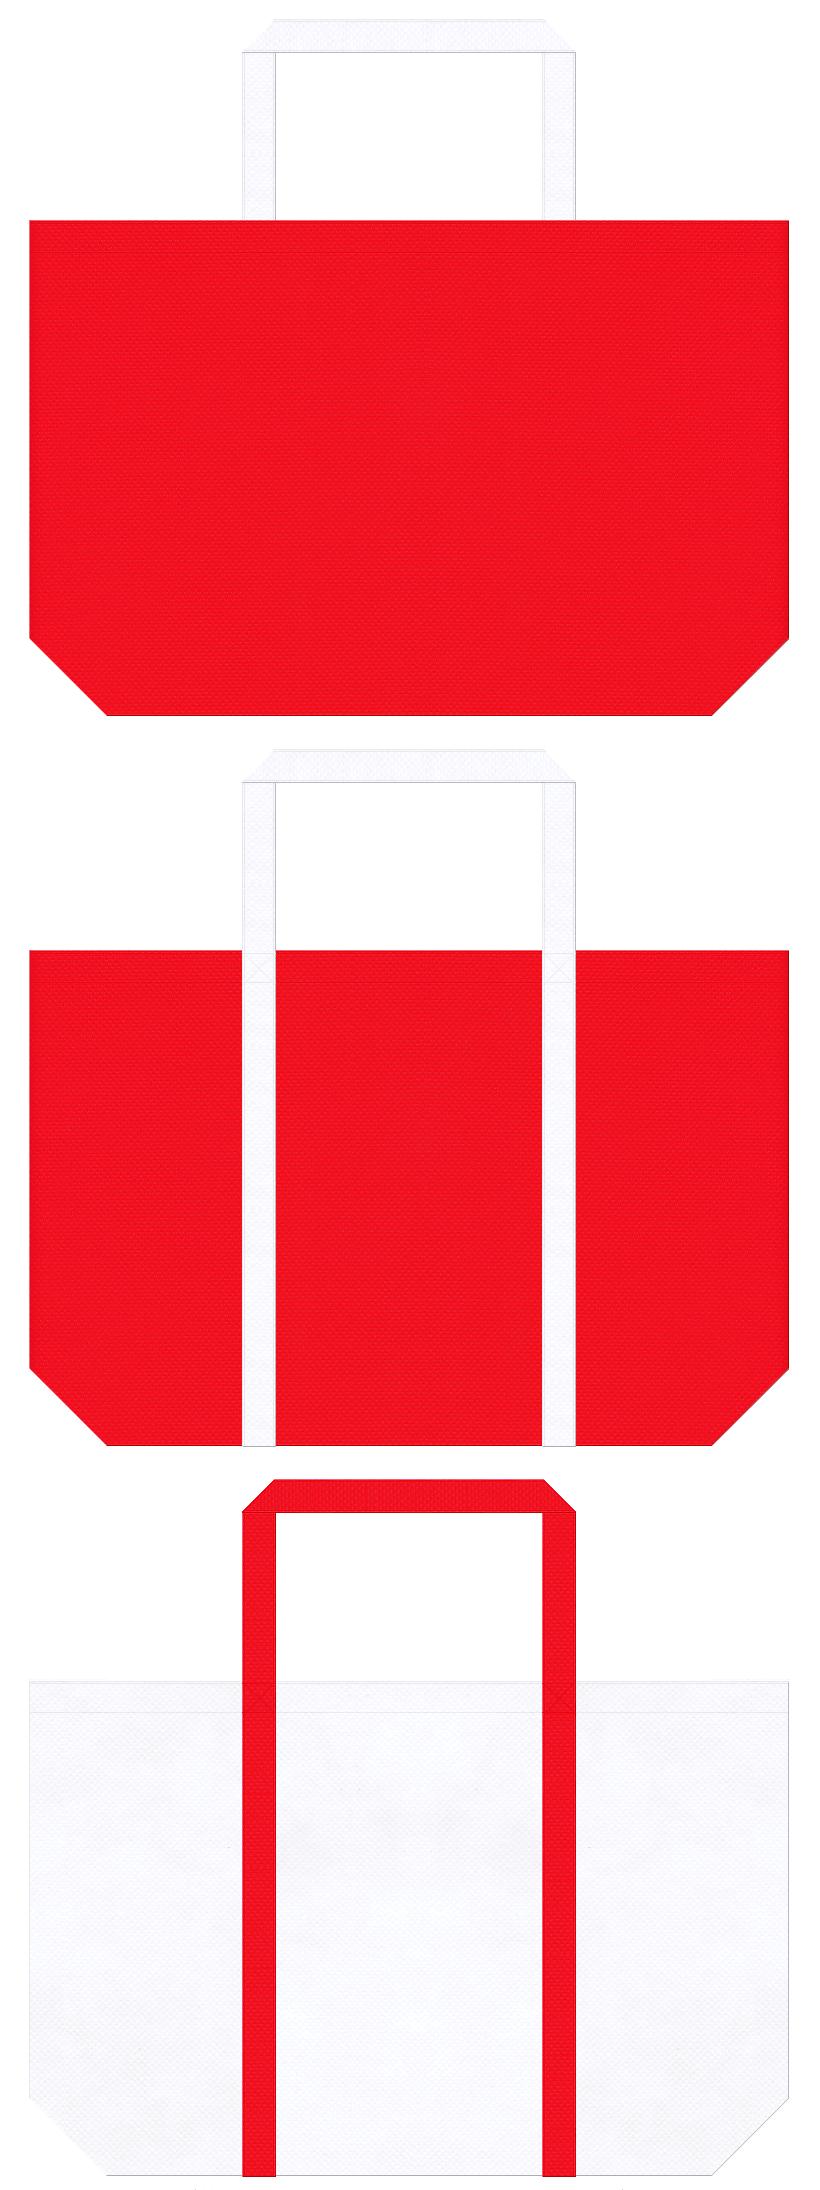 救急用品・レスキュー隊・消防団・献血・医療施設・病院・医療セミナー・婚礼・お誕生日・ショートケーキ・サンタクロース・クリスマスセールにお奨めの不織布バッグデザイン:赤色と白色のコーデ